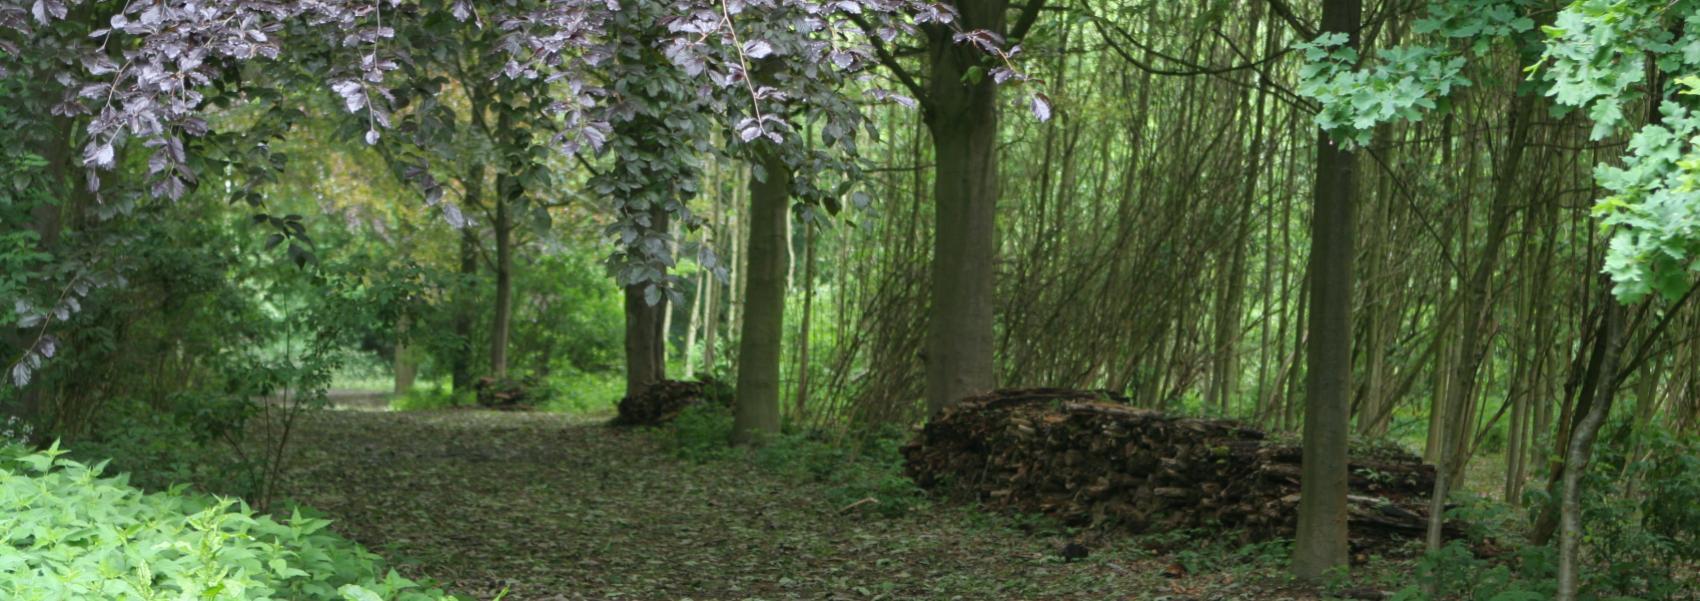 wandelpad overdekt met bladeren en met een stapel hout aan de kant